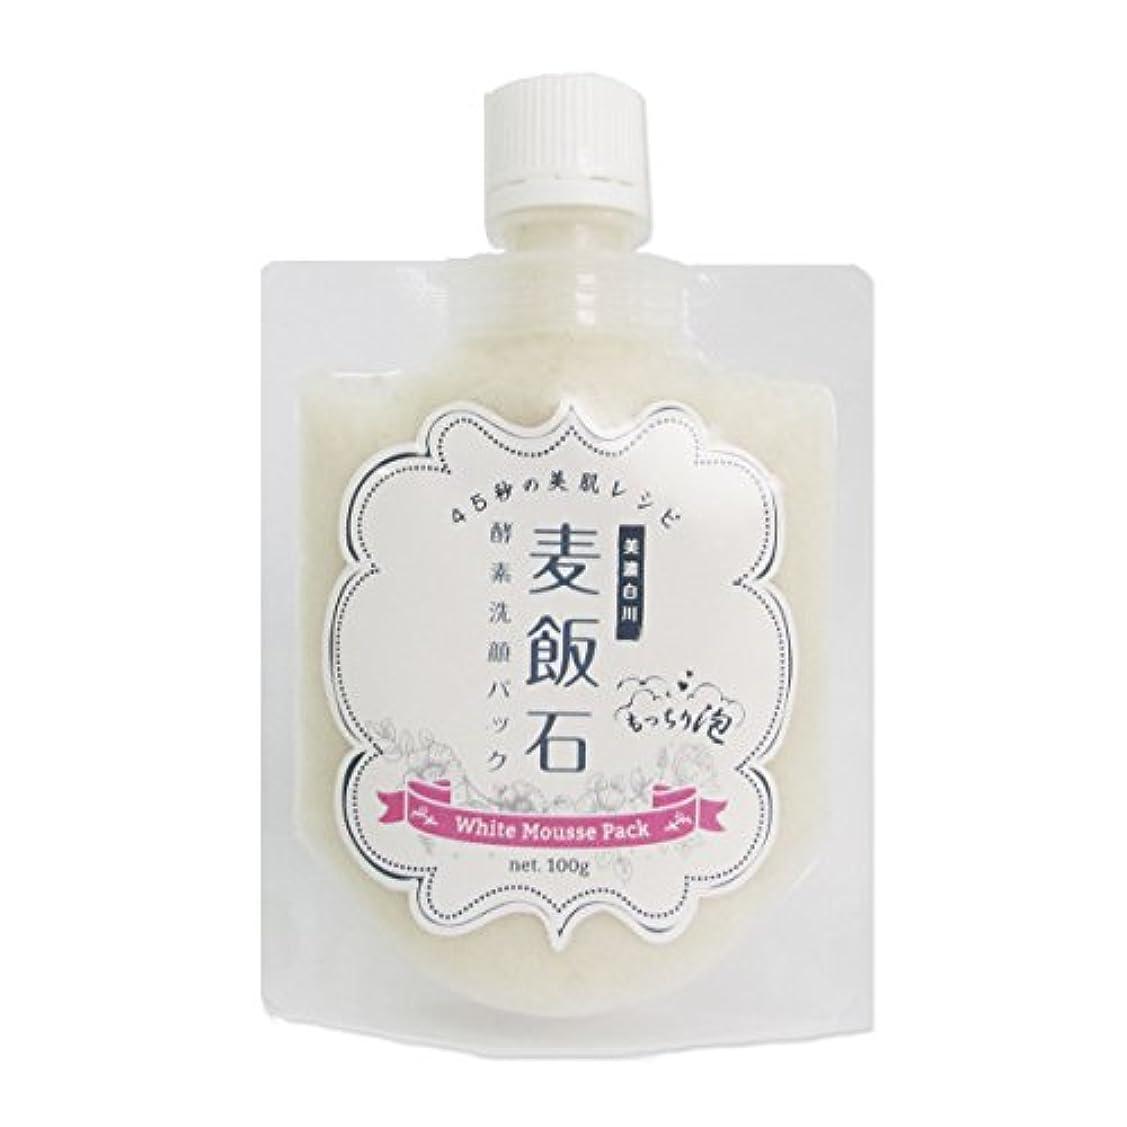 自分を引き上げるショッピングセンター副産物シミ 洗顔 泡 洗顔フォーム ホワイトムースパック